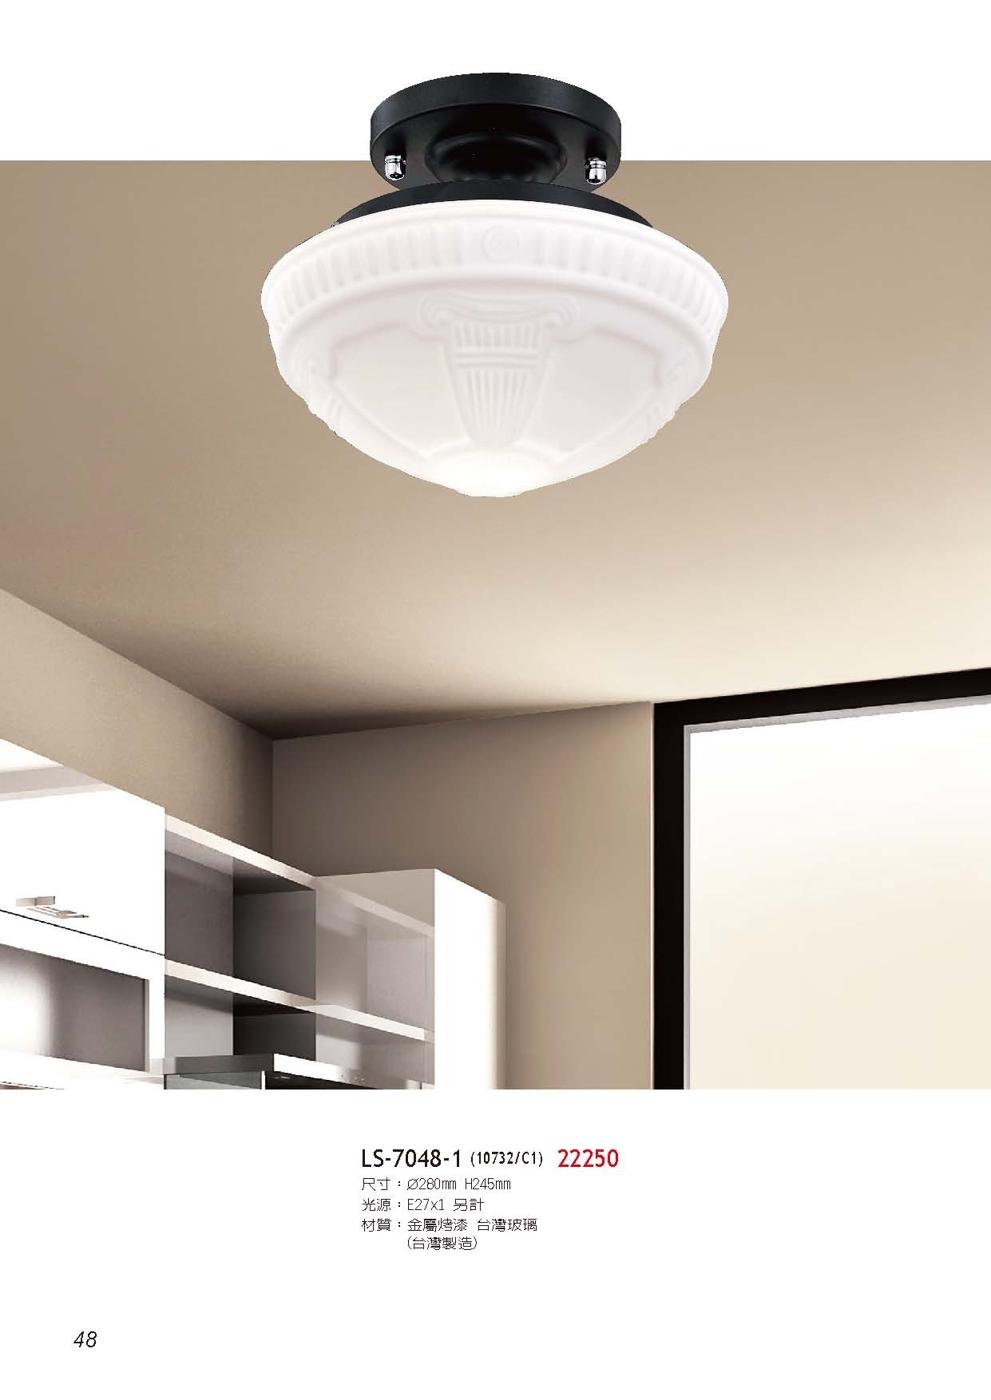 燈王的店米雅造型燈飾系列浴室燈陽台燈玄關燈走道燈台灣製10732 C1